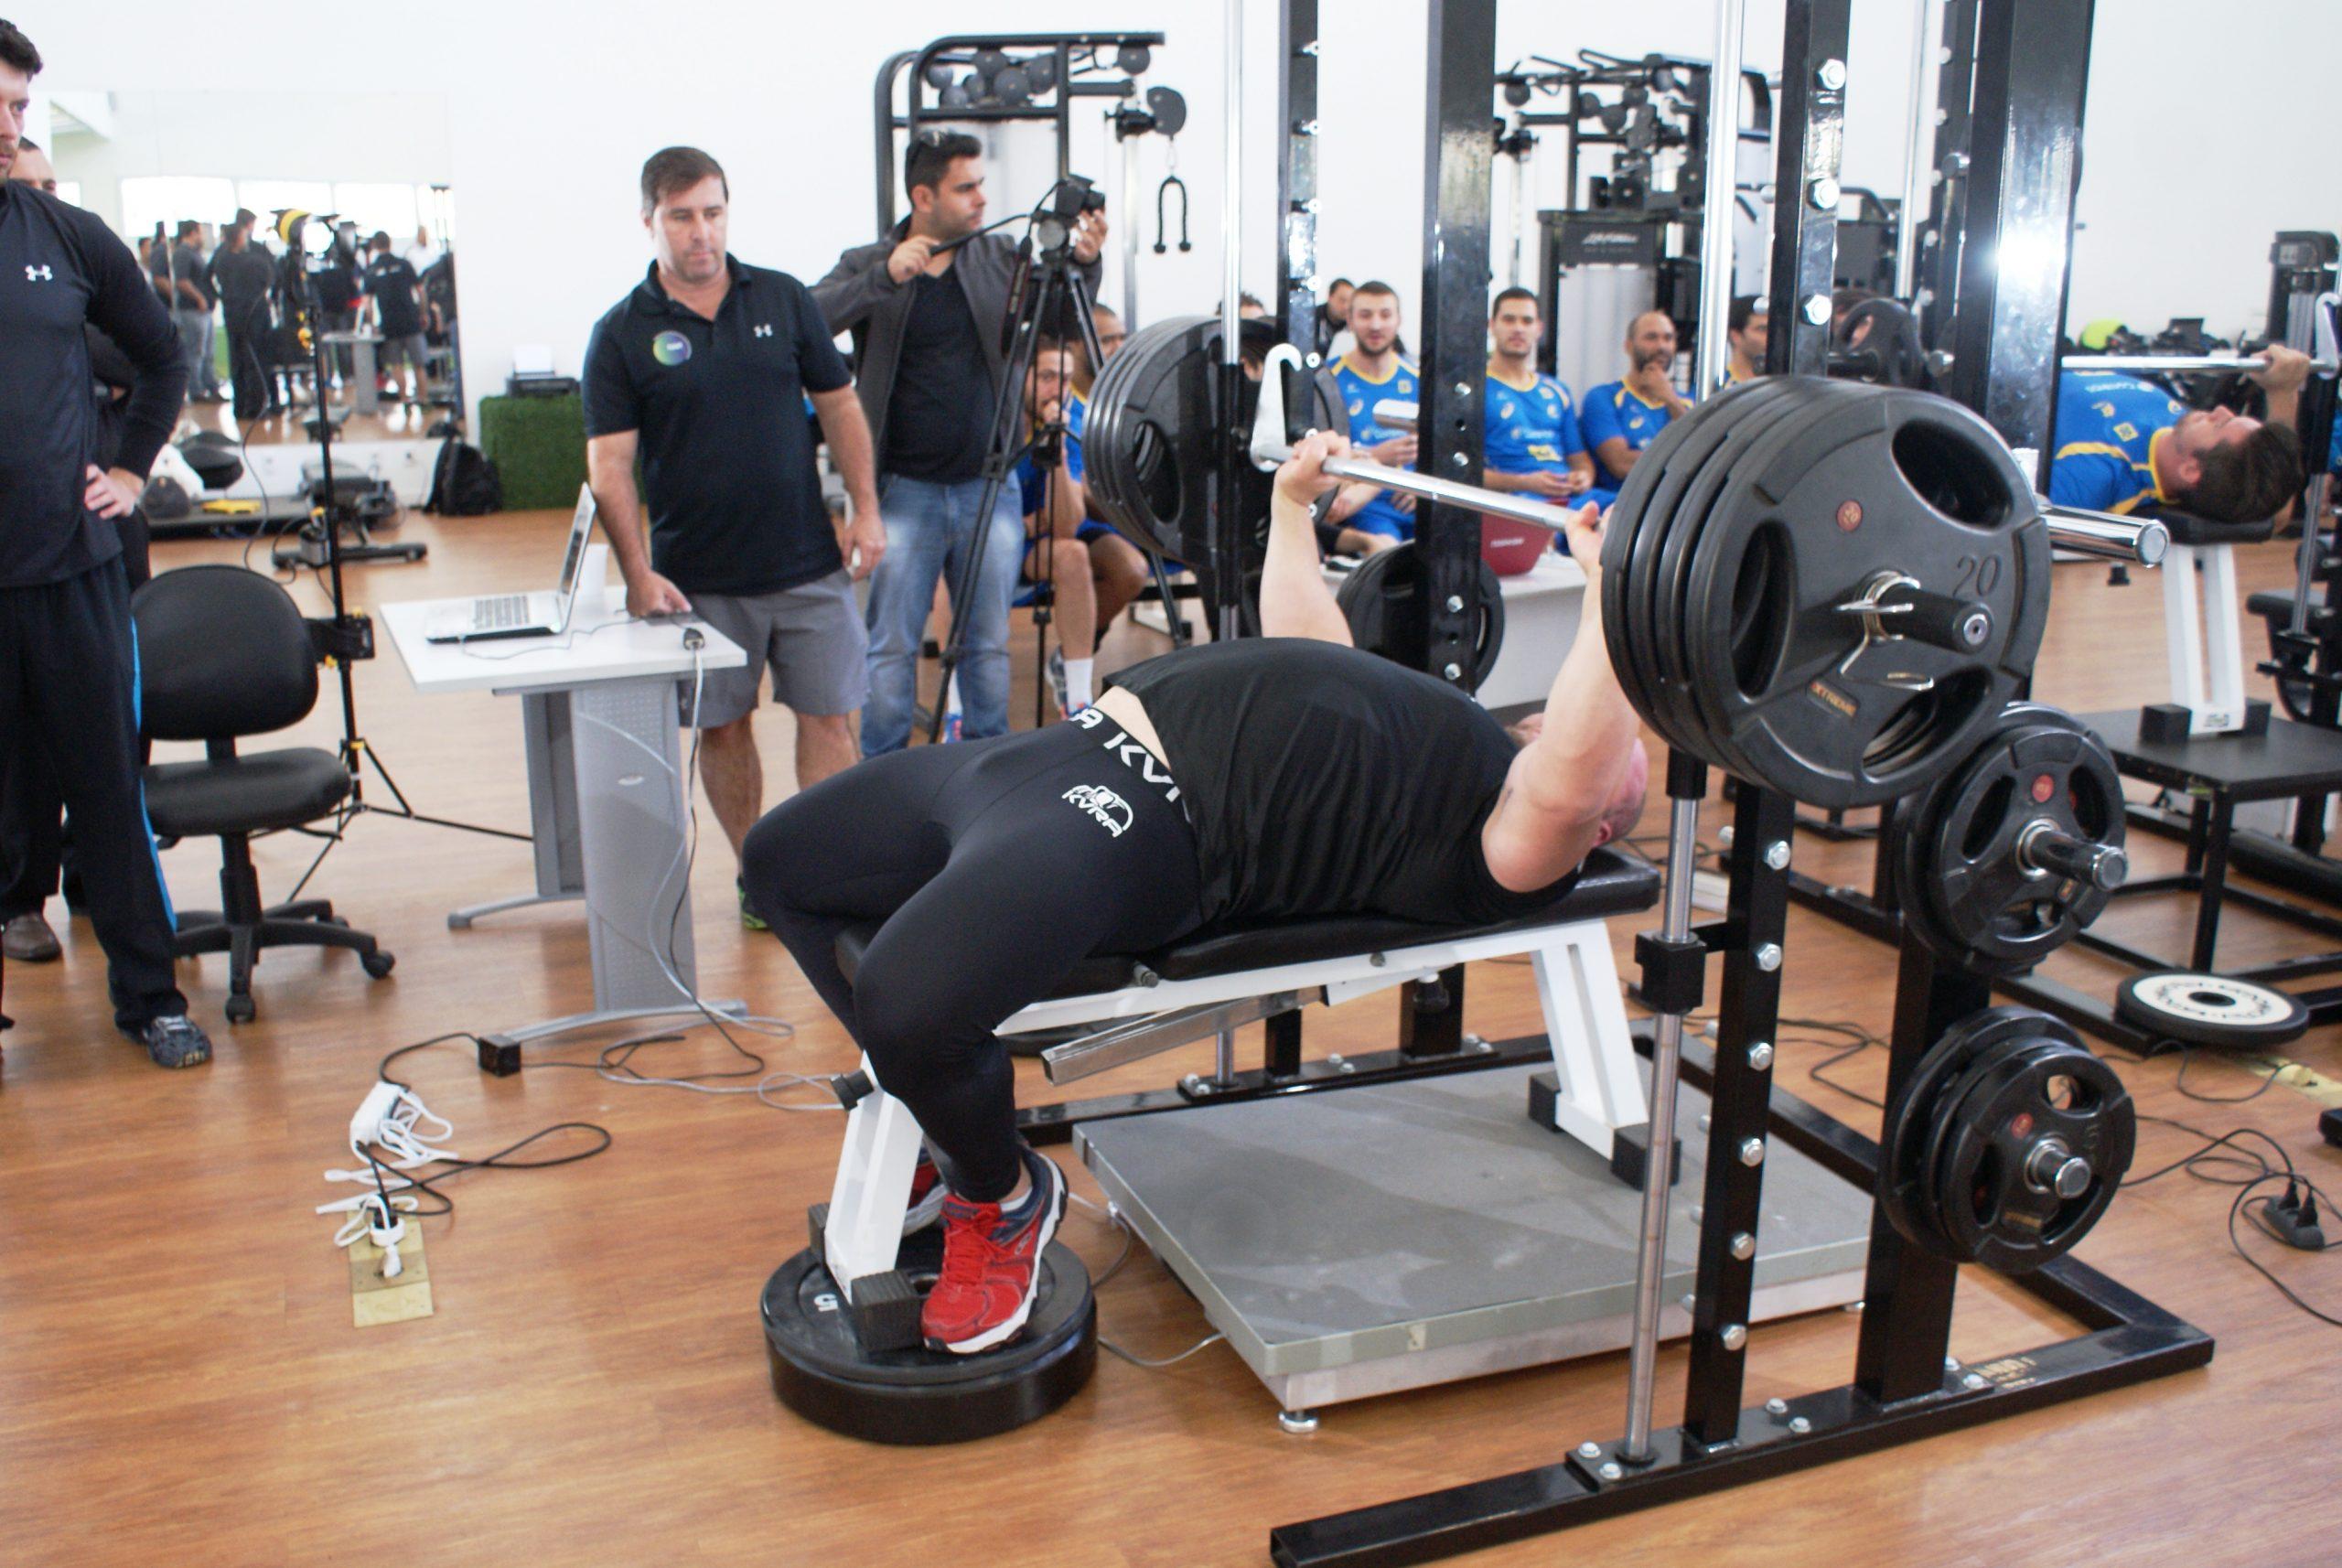 Brasileiro melhor colocado no World's Strongest Man participa de gravação no NAR